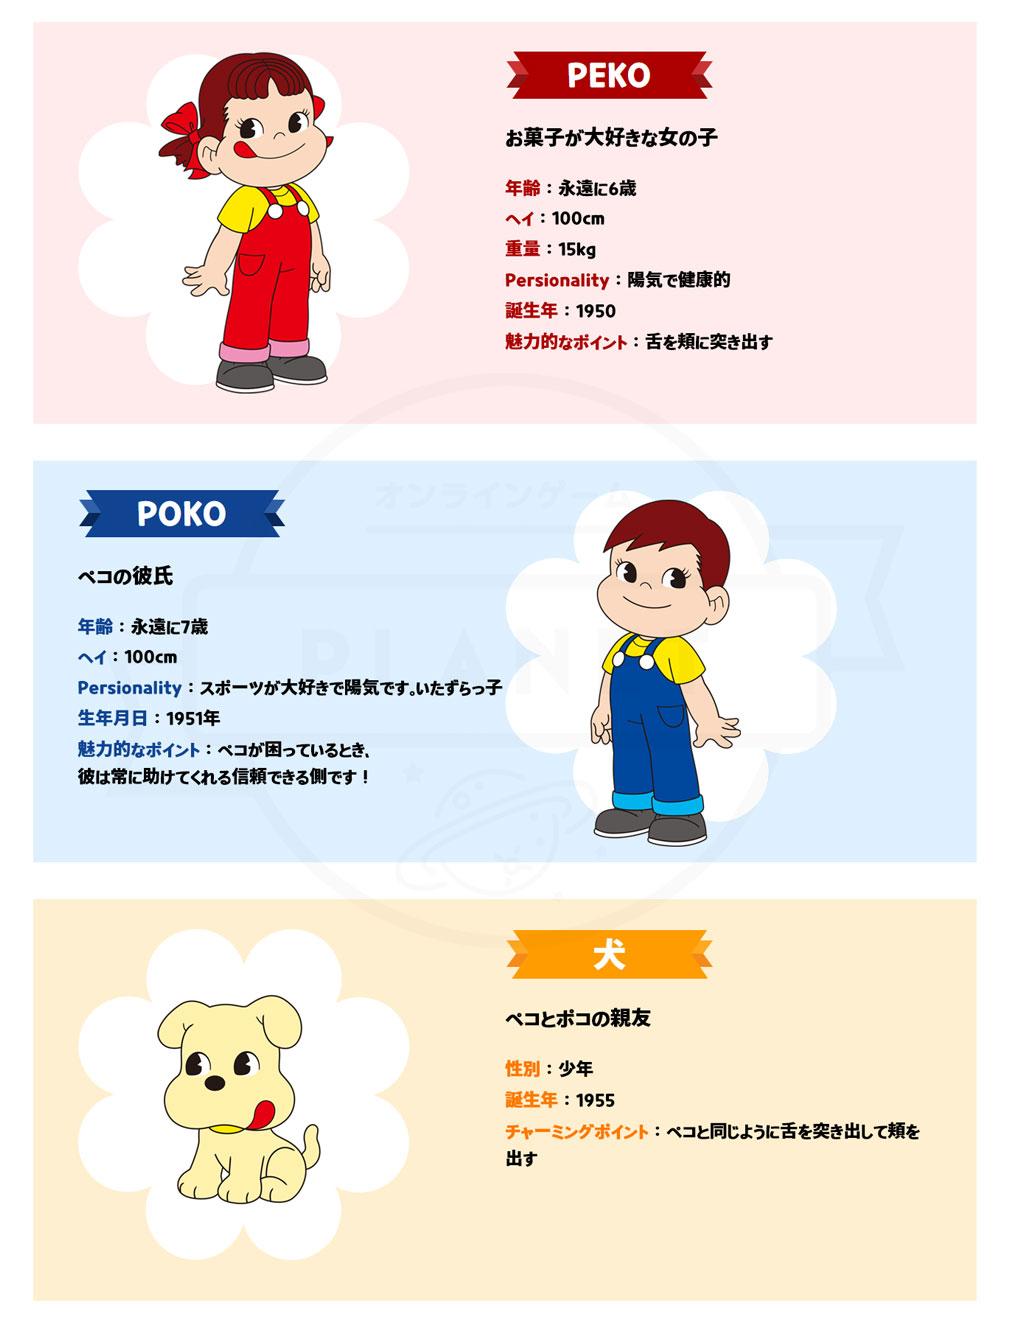 ペコポップ マッチ3パズル 登場キャラクター紹介イメージ